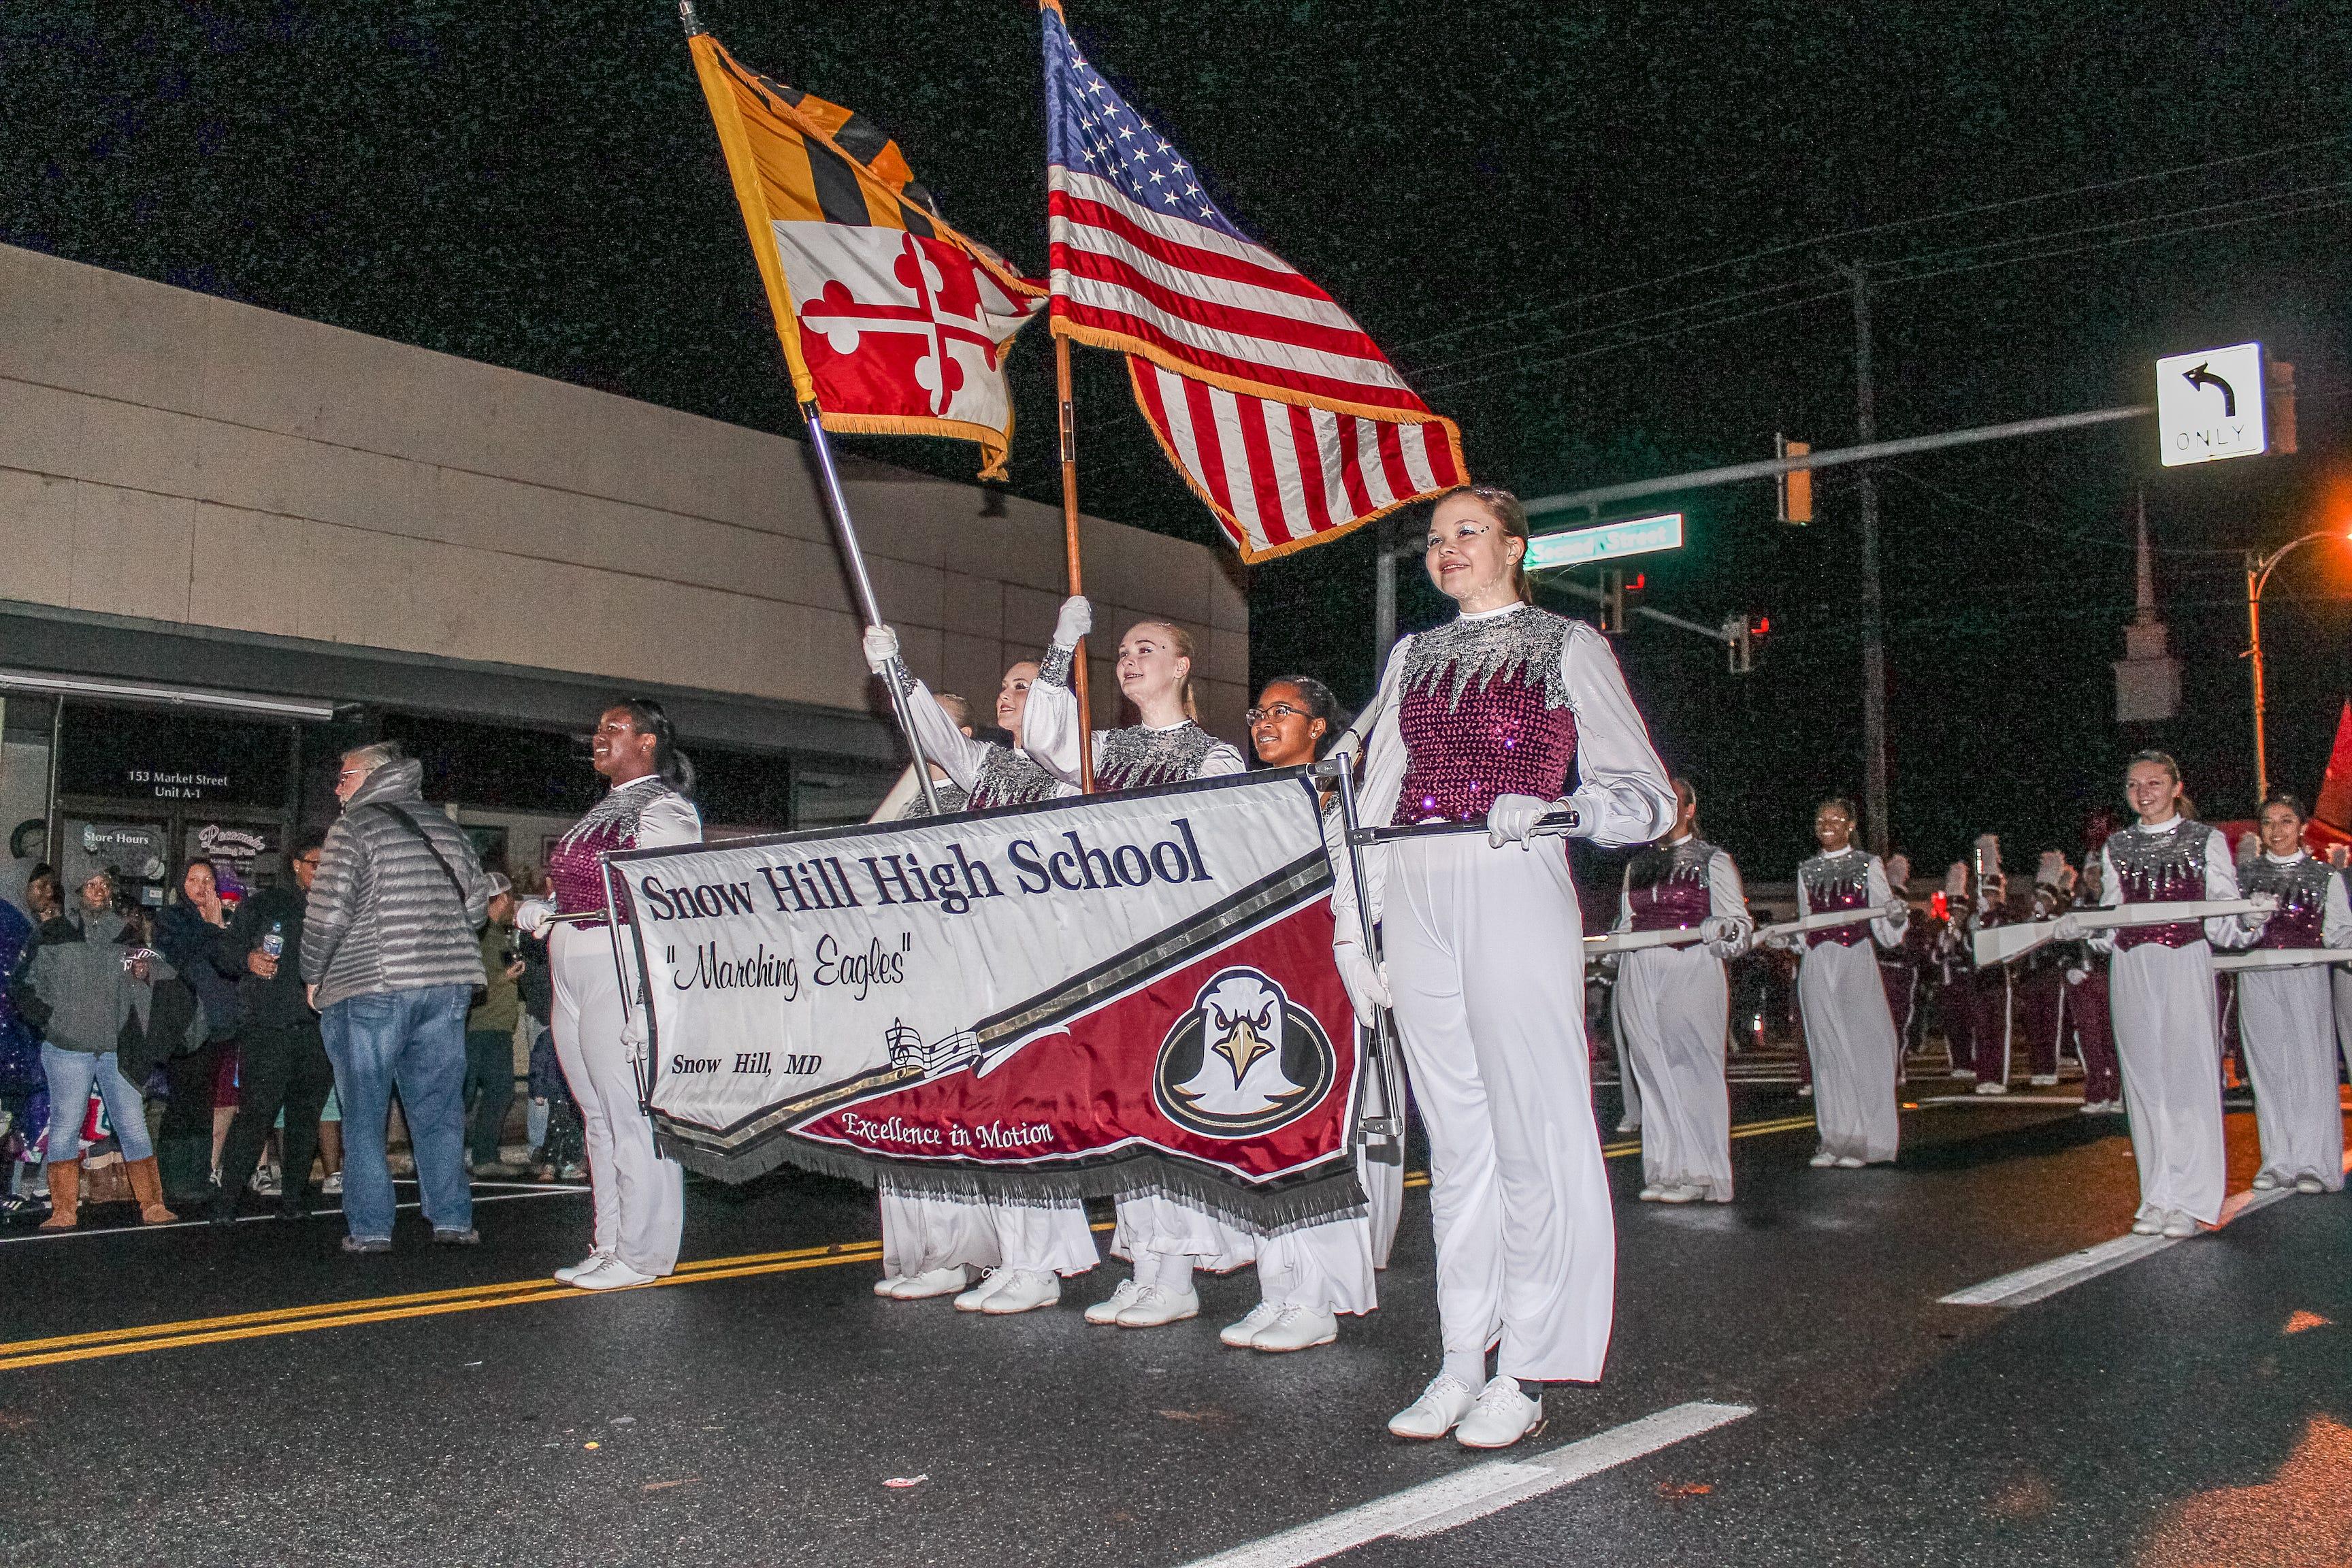 Pocomoke Md Christmas Parade 2020 COVID 19 concerns cancel Pocomoke Christmas Parade